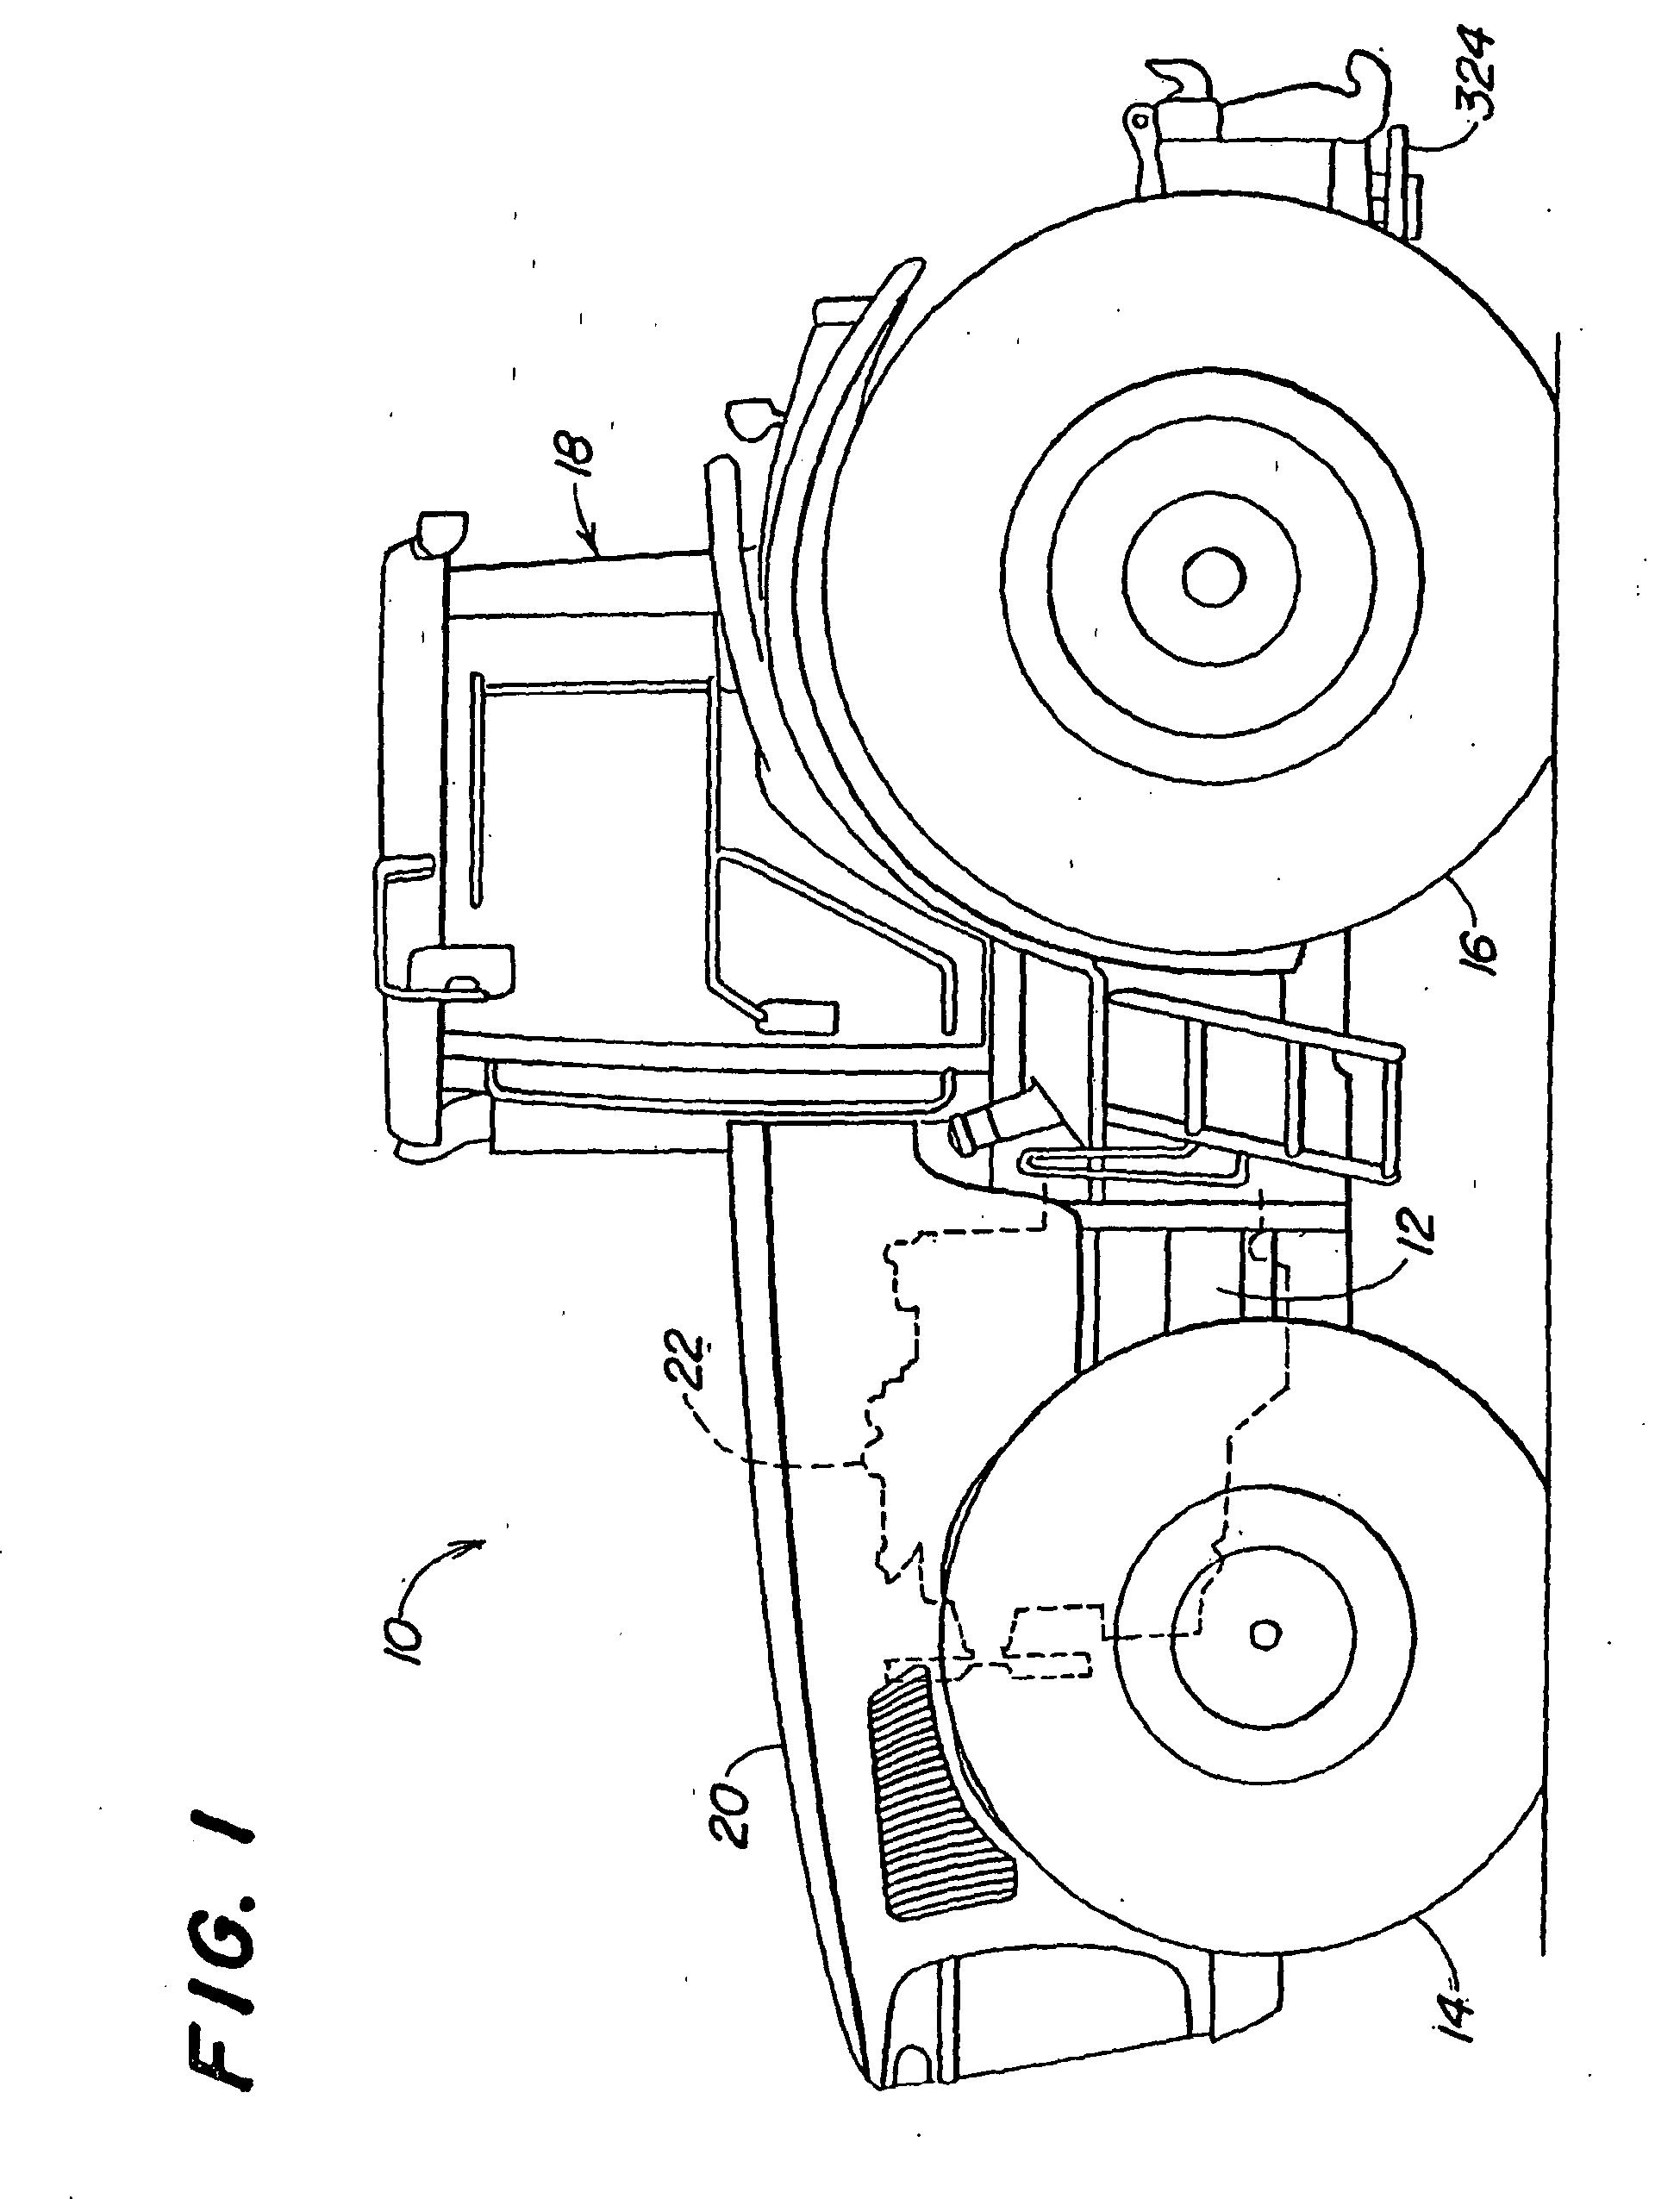 John Deere Tractor Drawing | Car Interior Design